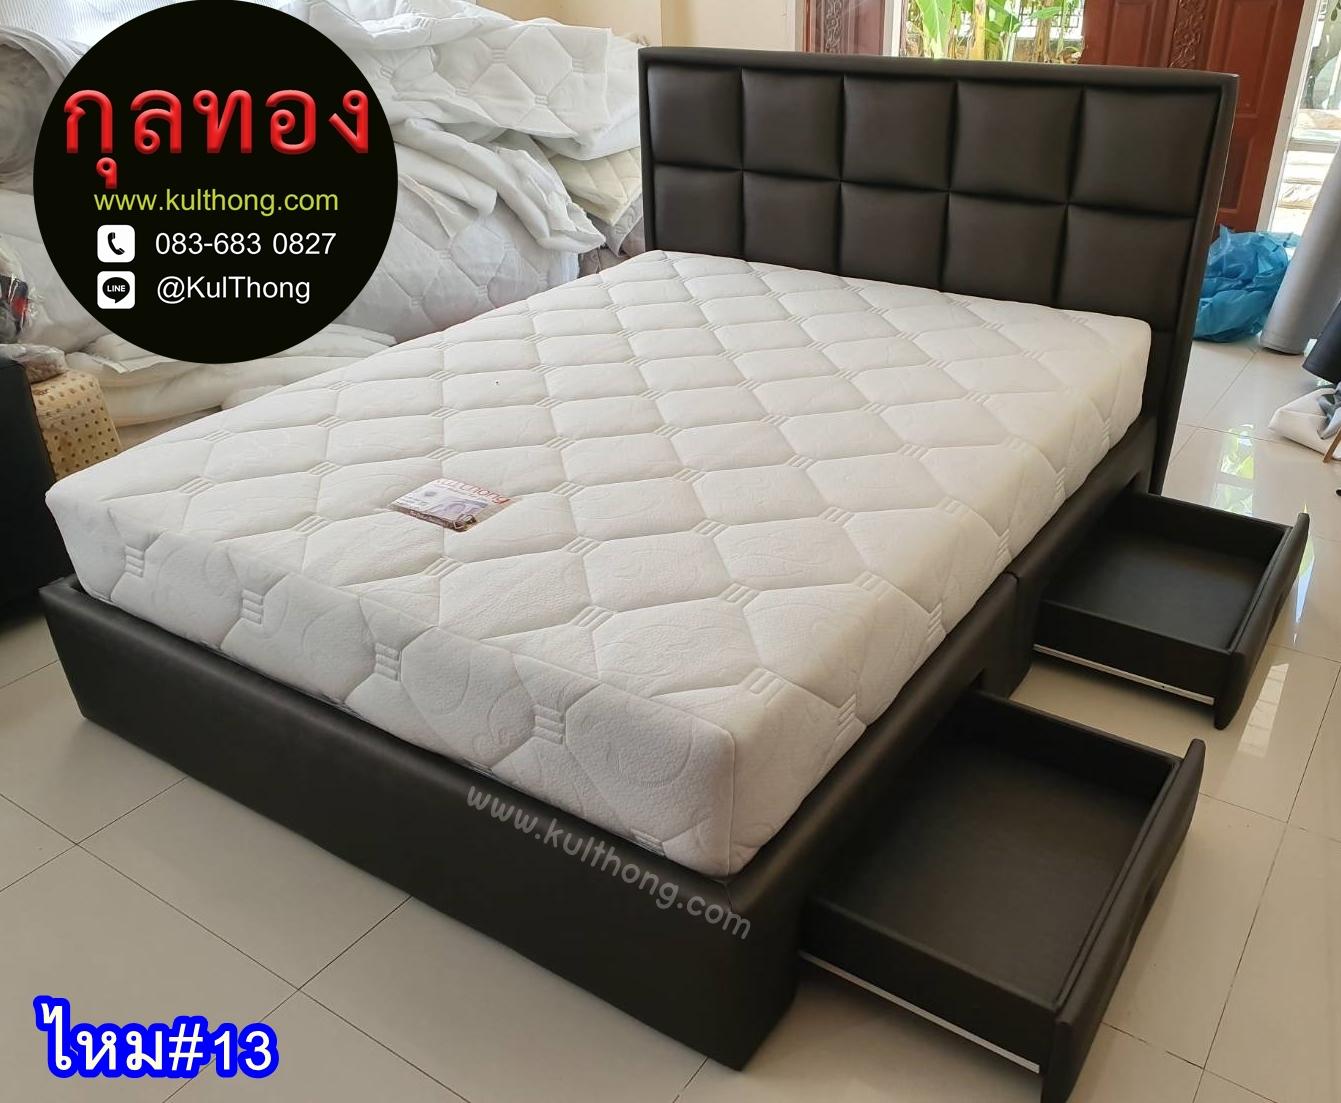 ที่นอนยางพารา ที่นอนเพื่อสุขภาพ ที่นอนหุ้มผ้าขนมิ้งค์